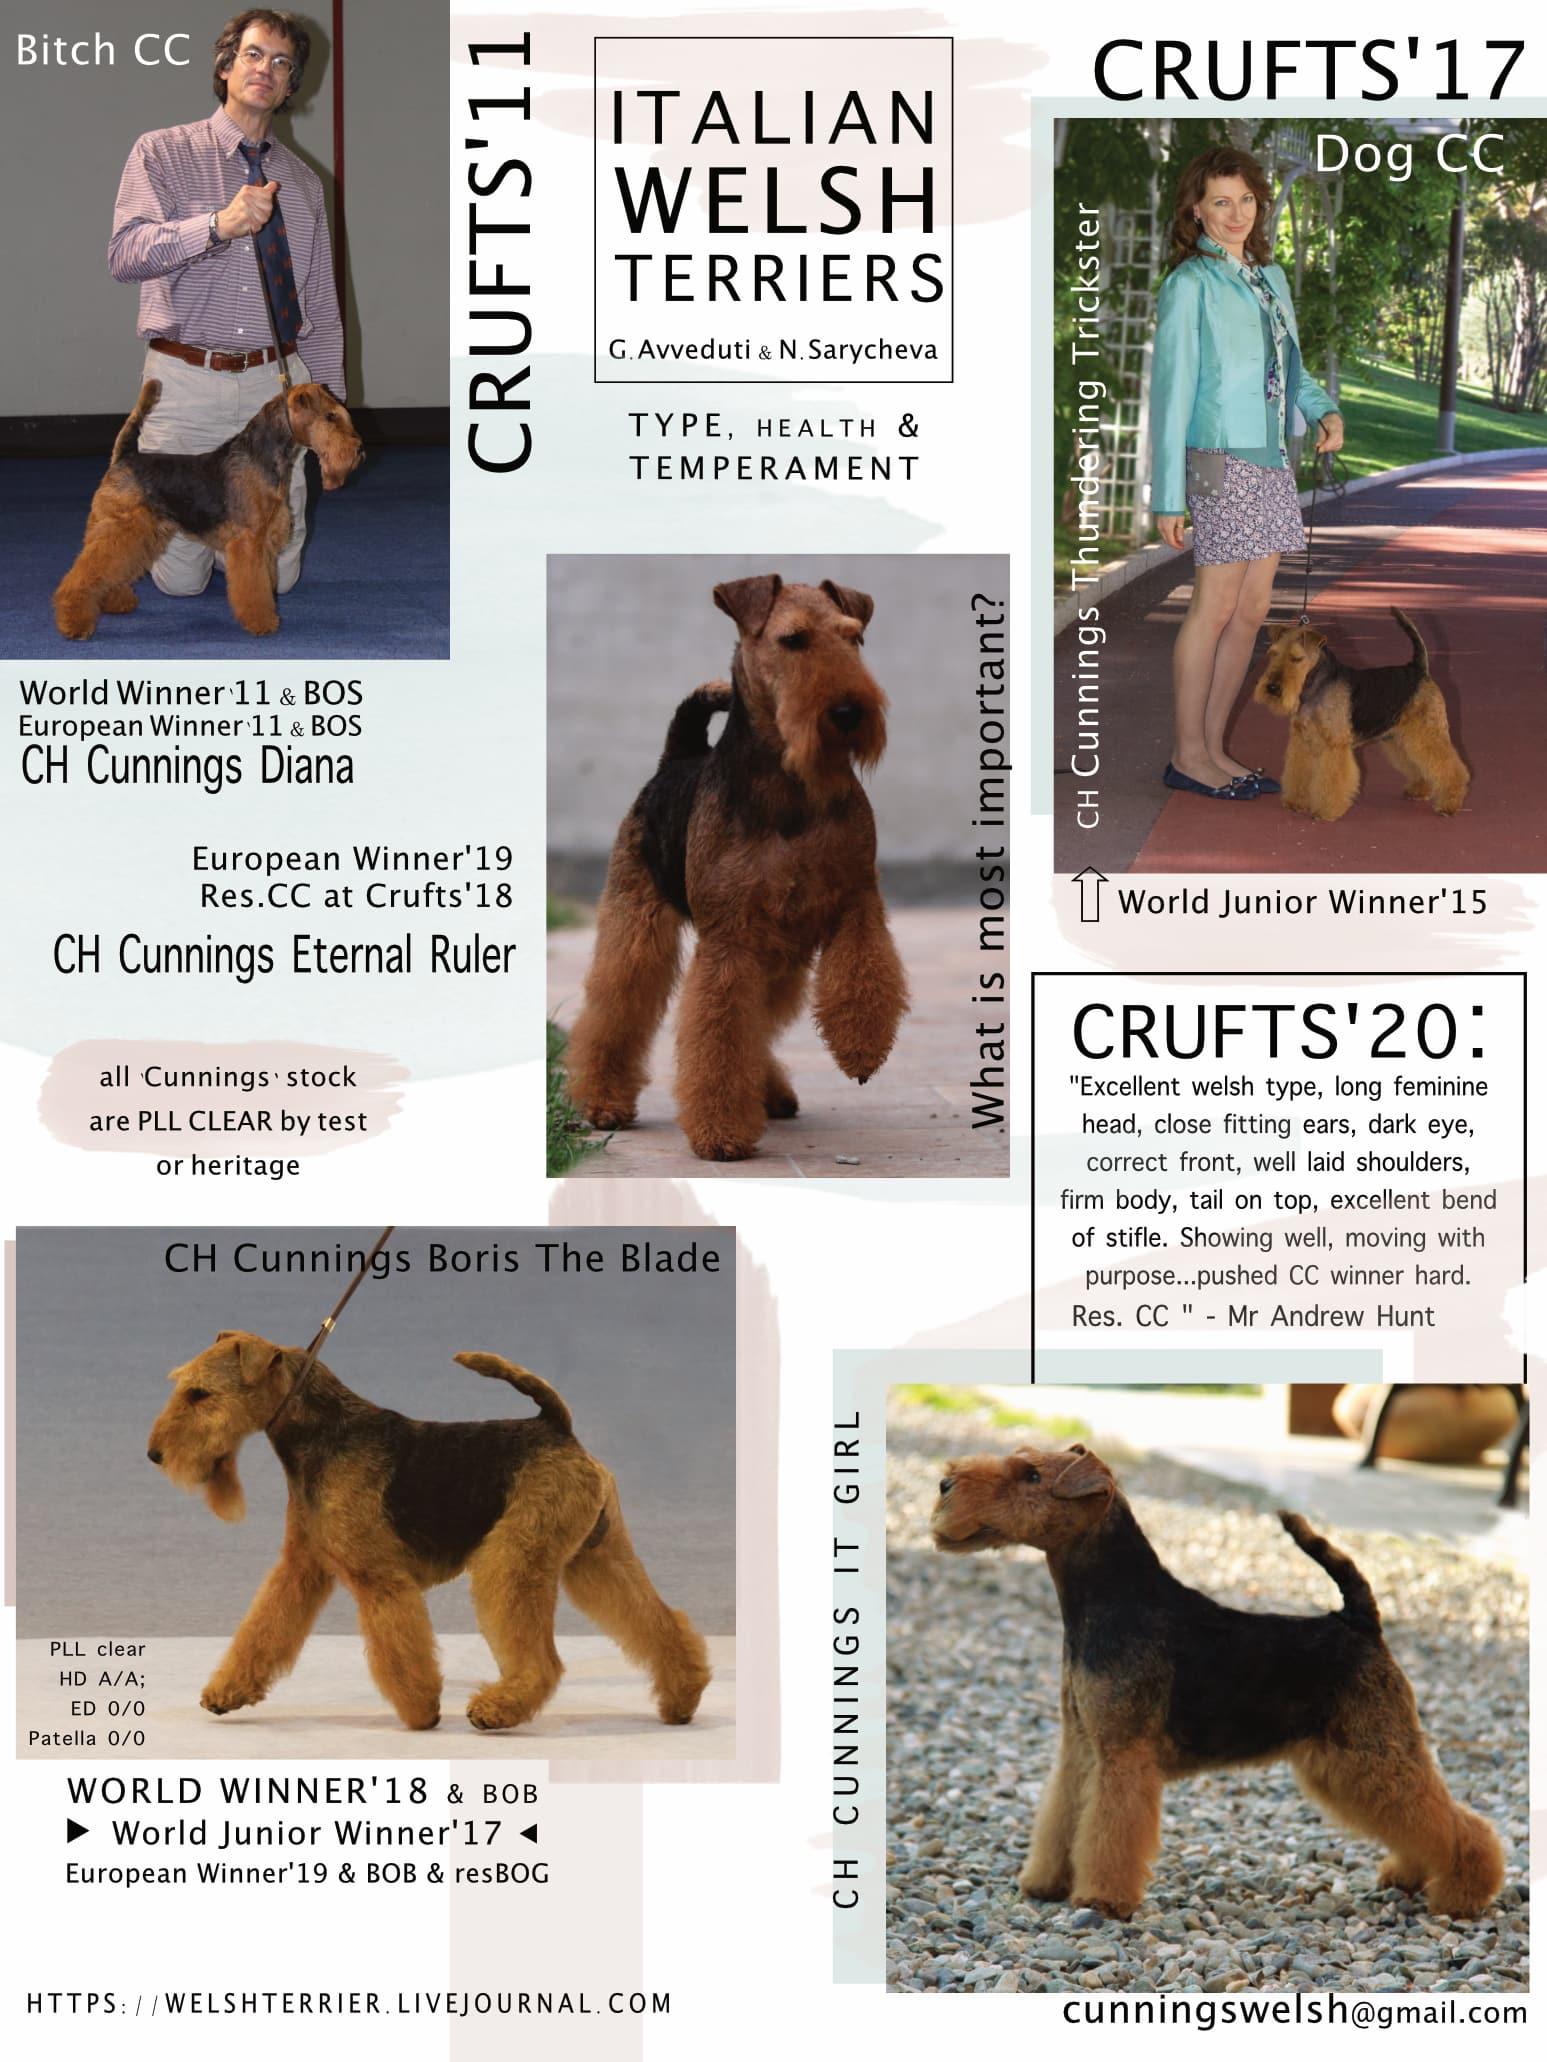 Cunnings Welsh Terriers Template.jpg